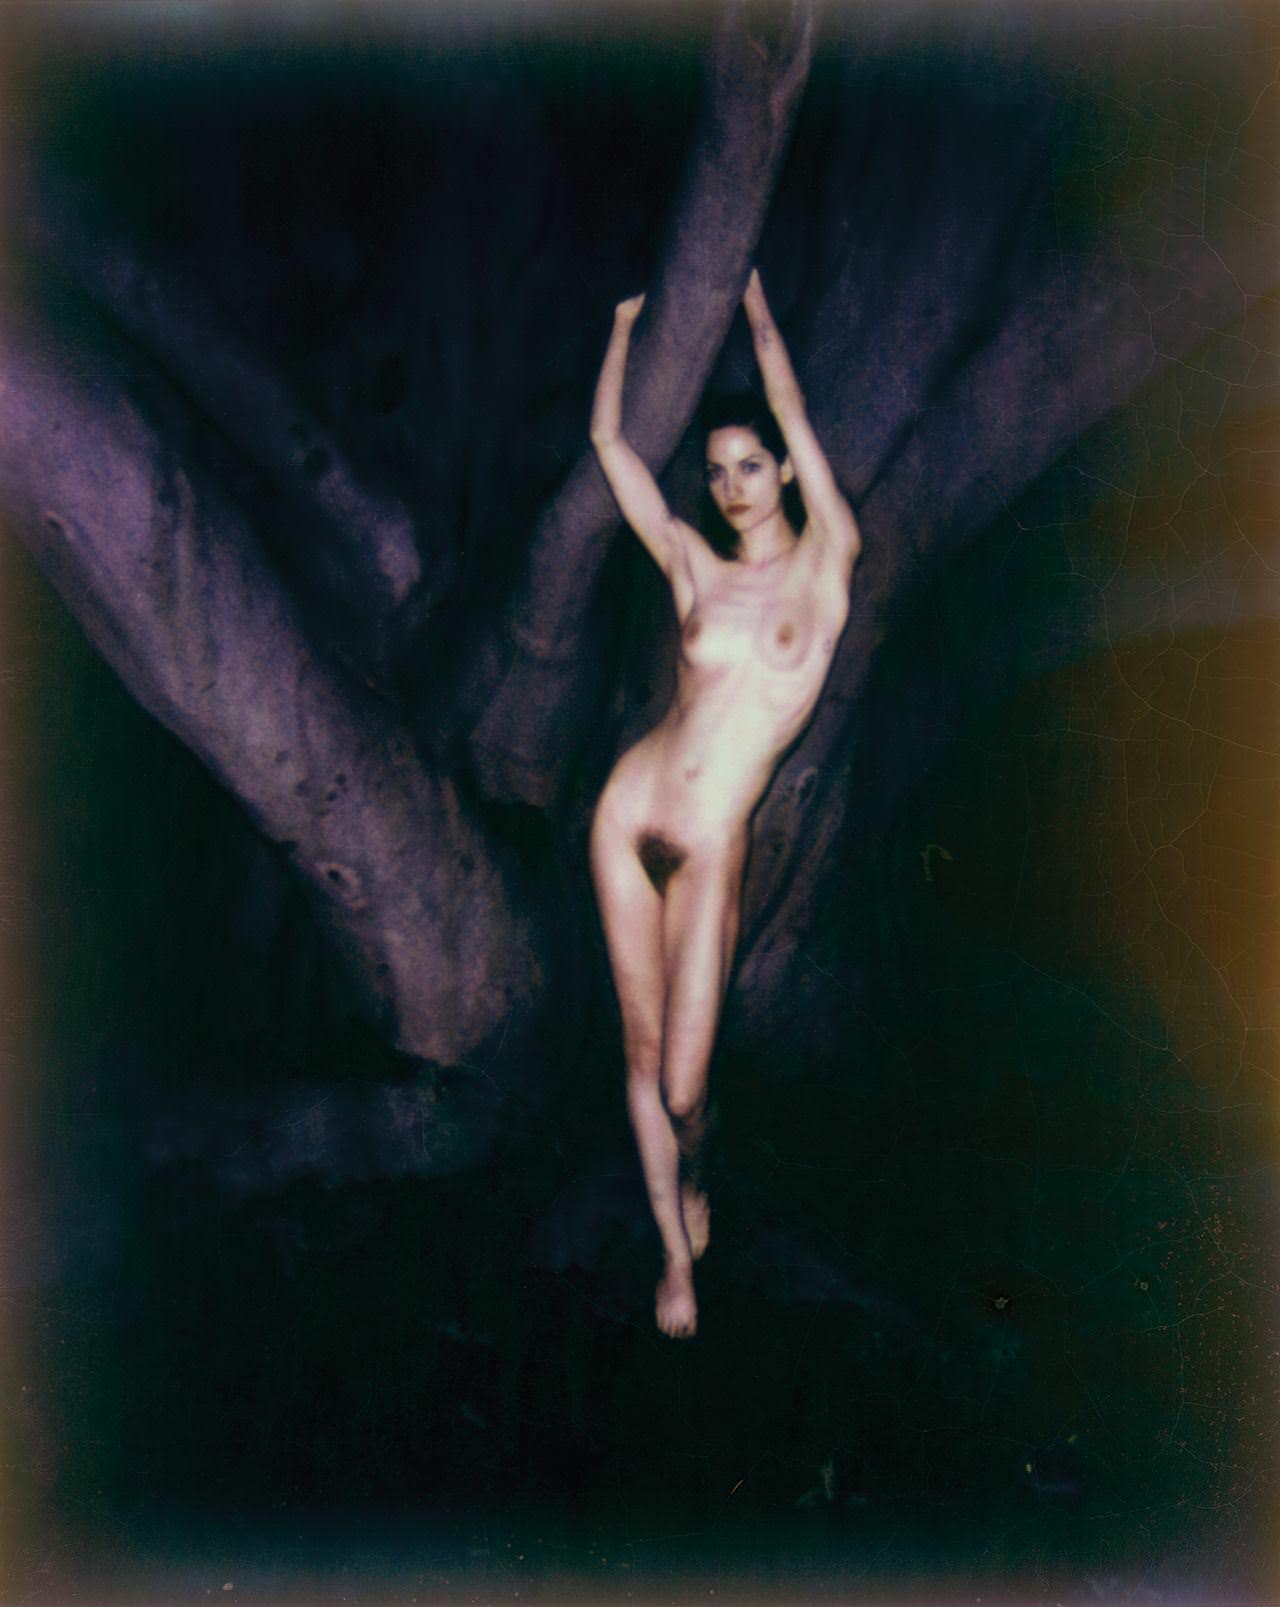 【外人】プロ写真家ジョナサン·レダーによって撮影されたノスタルジックなヌードポルノ画像 3175